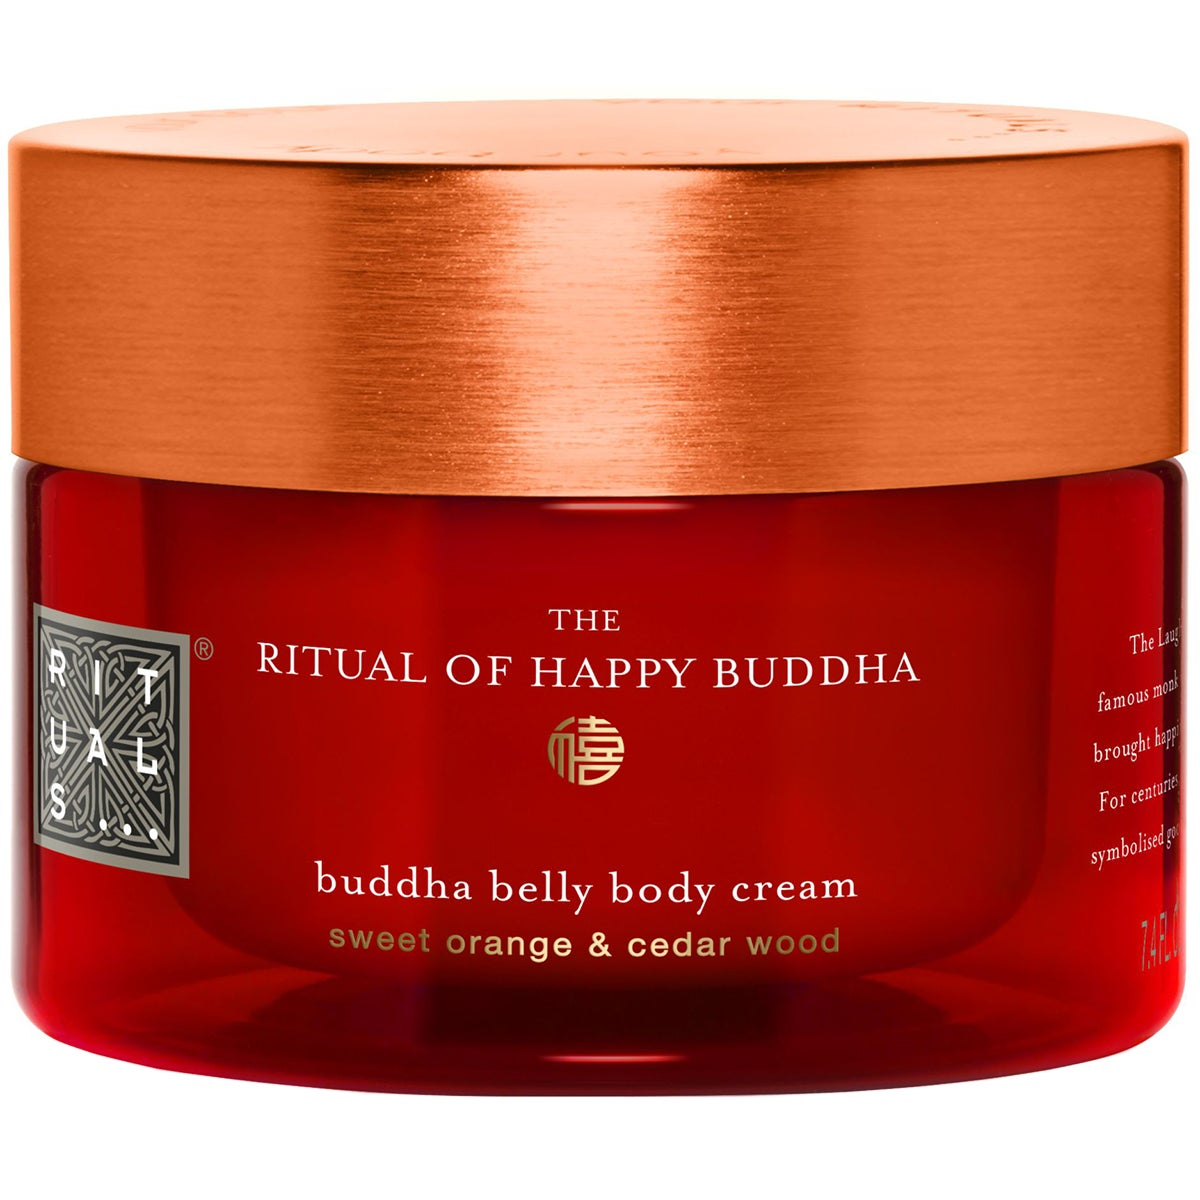 Rituals The Ritual of Happy Buddha Body Cream Rituals… Body Cream